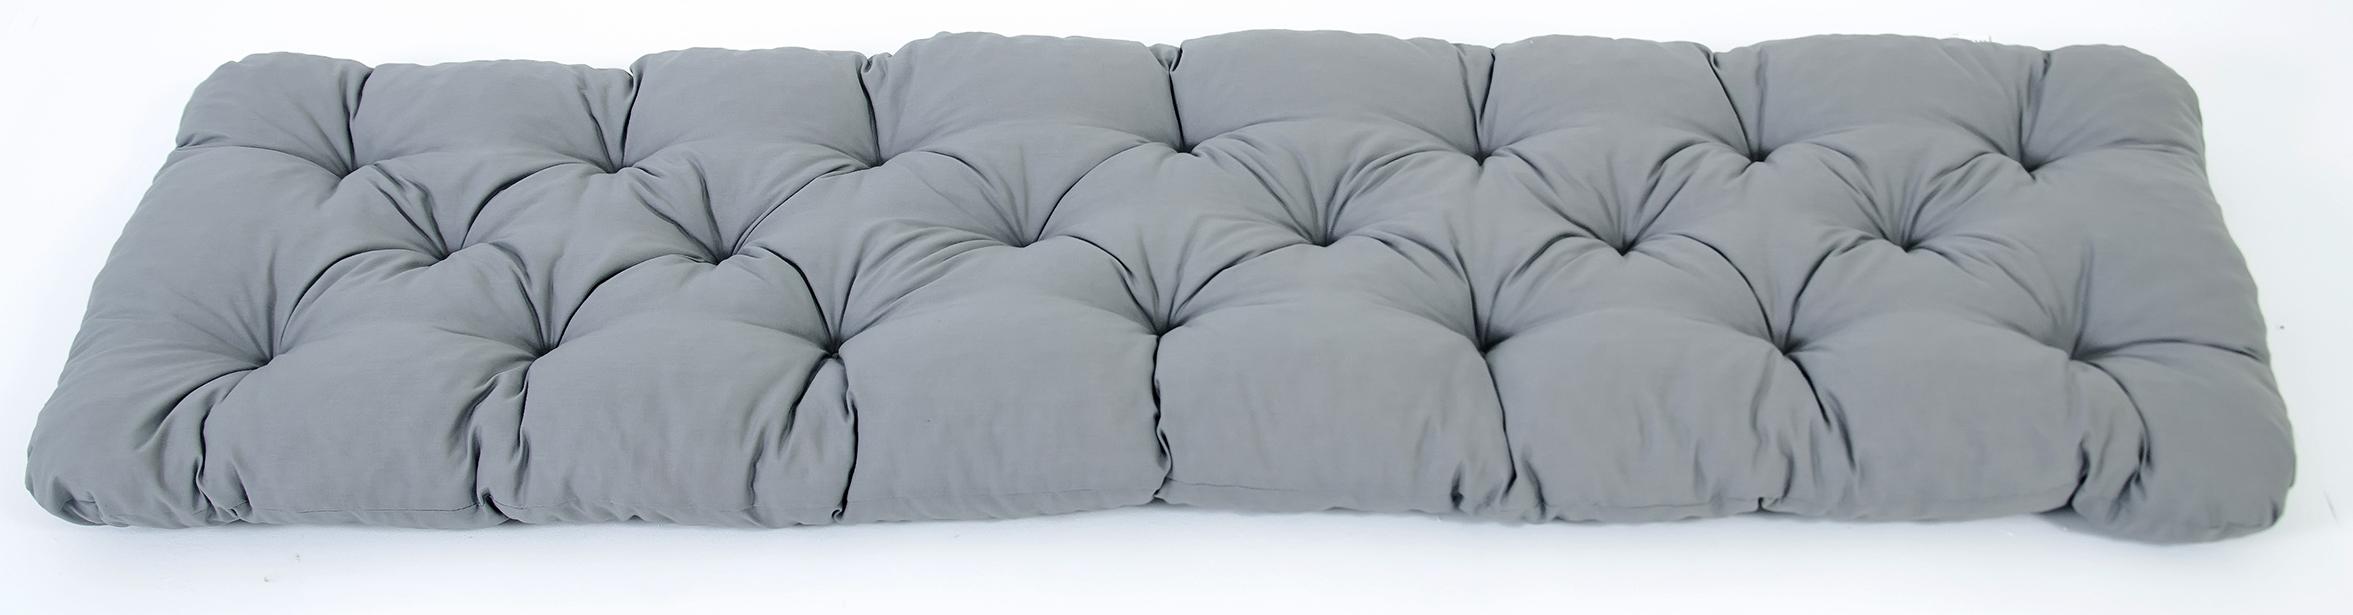 2 sitzer bank wei sitzbank gartenbank holzbank 120. Black Bedroom Furniture Sets. Home Design Ideas